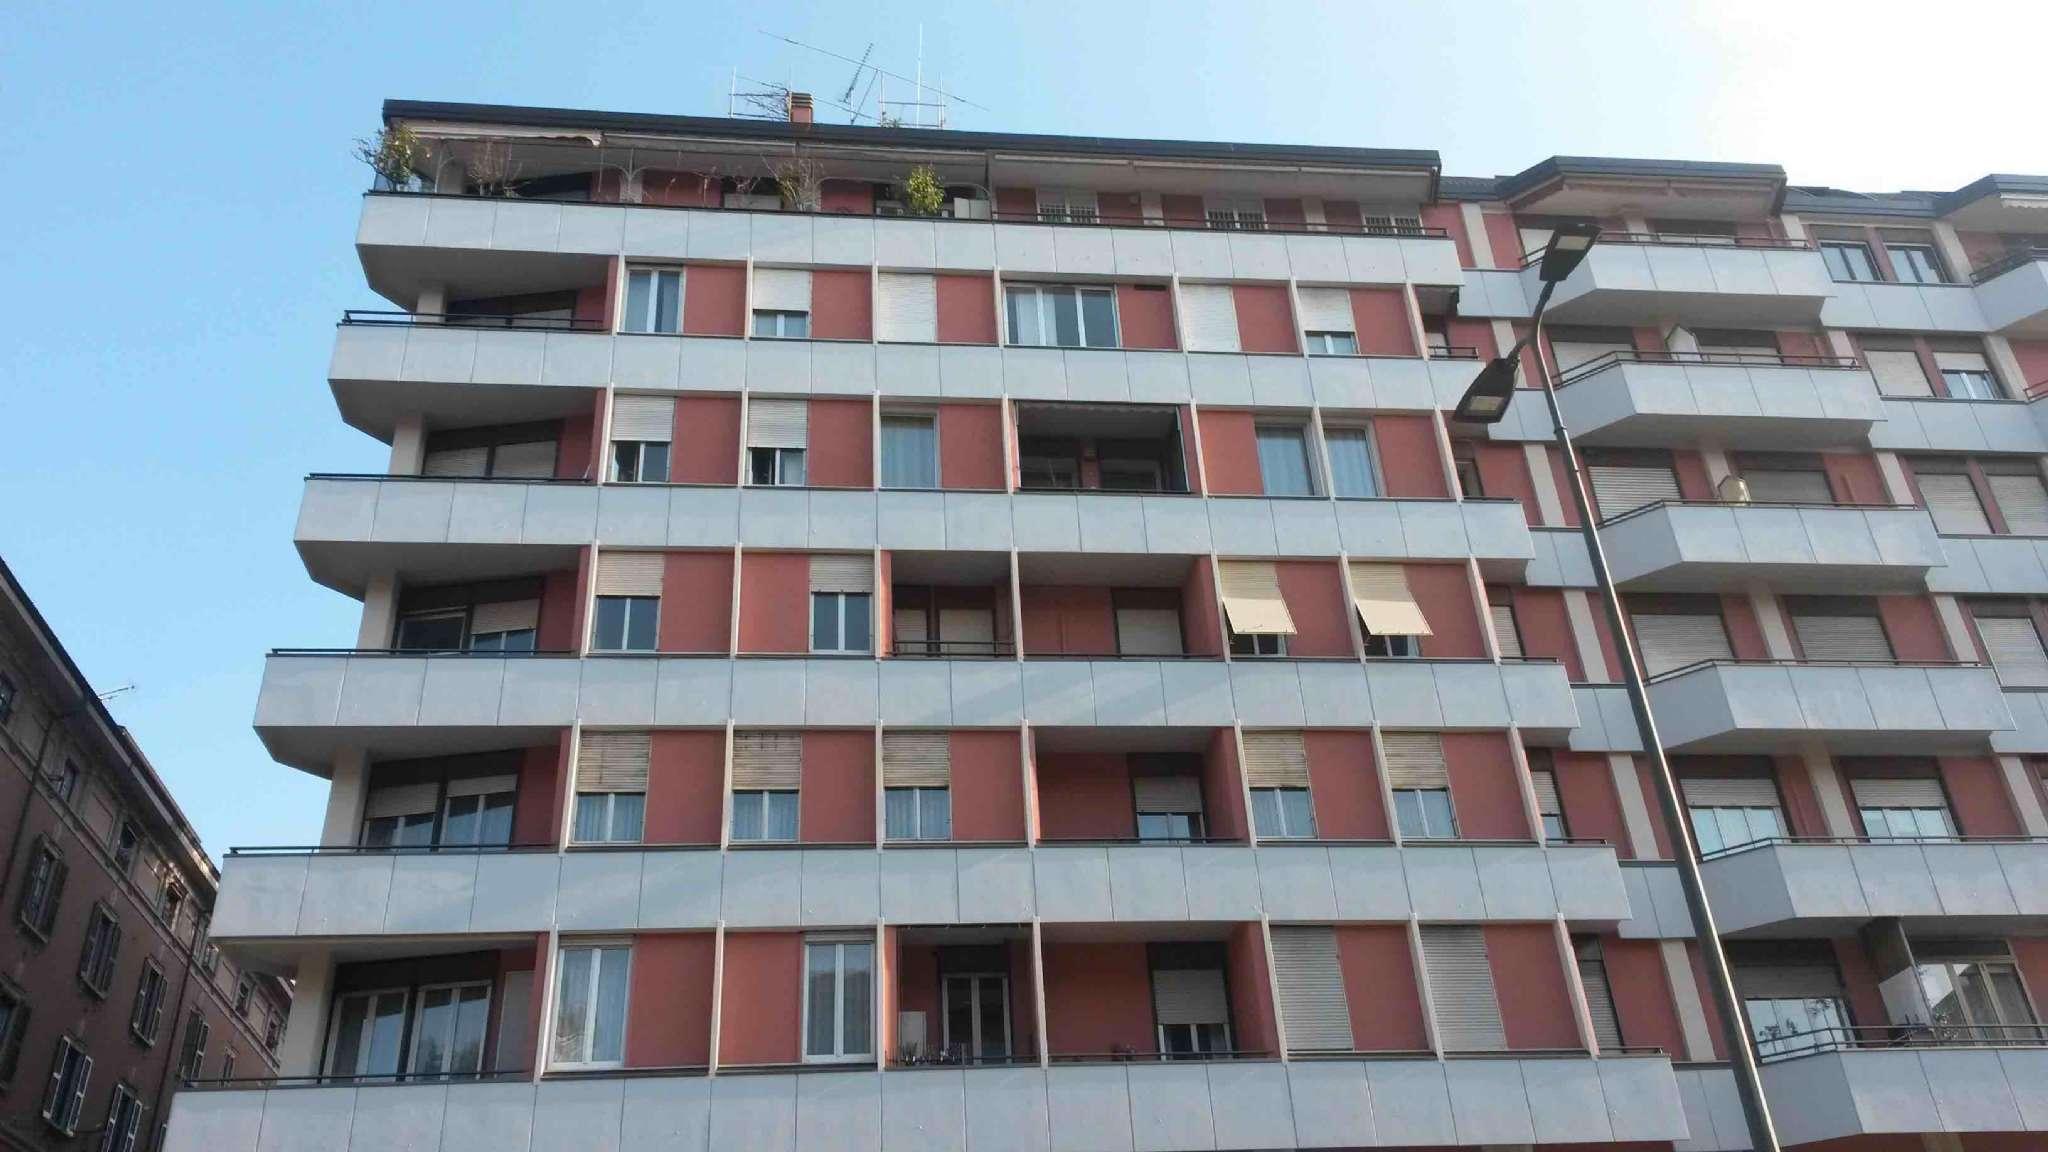 Appartamento in affitto a Milano, 3 locali, zona Zona: 1 . Centro Storico, Duomo, Brera, Cadorna, Cattolica, prezzo € 1.830 | CambioCasa.it